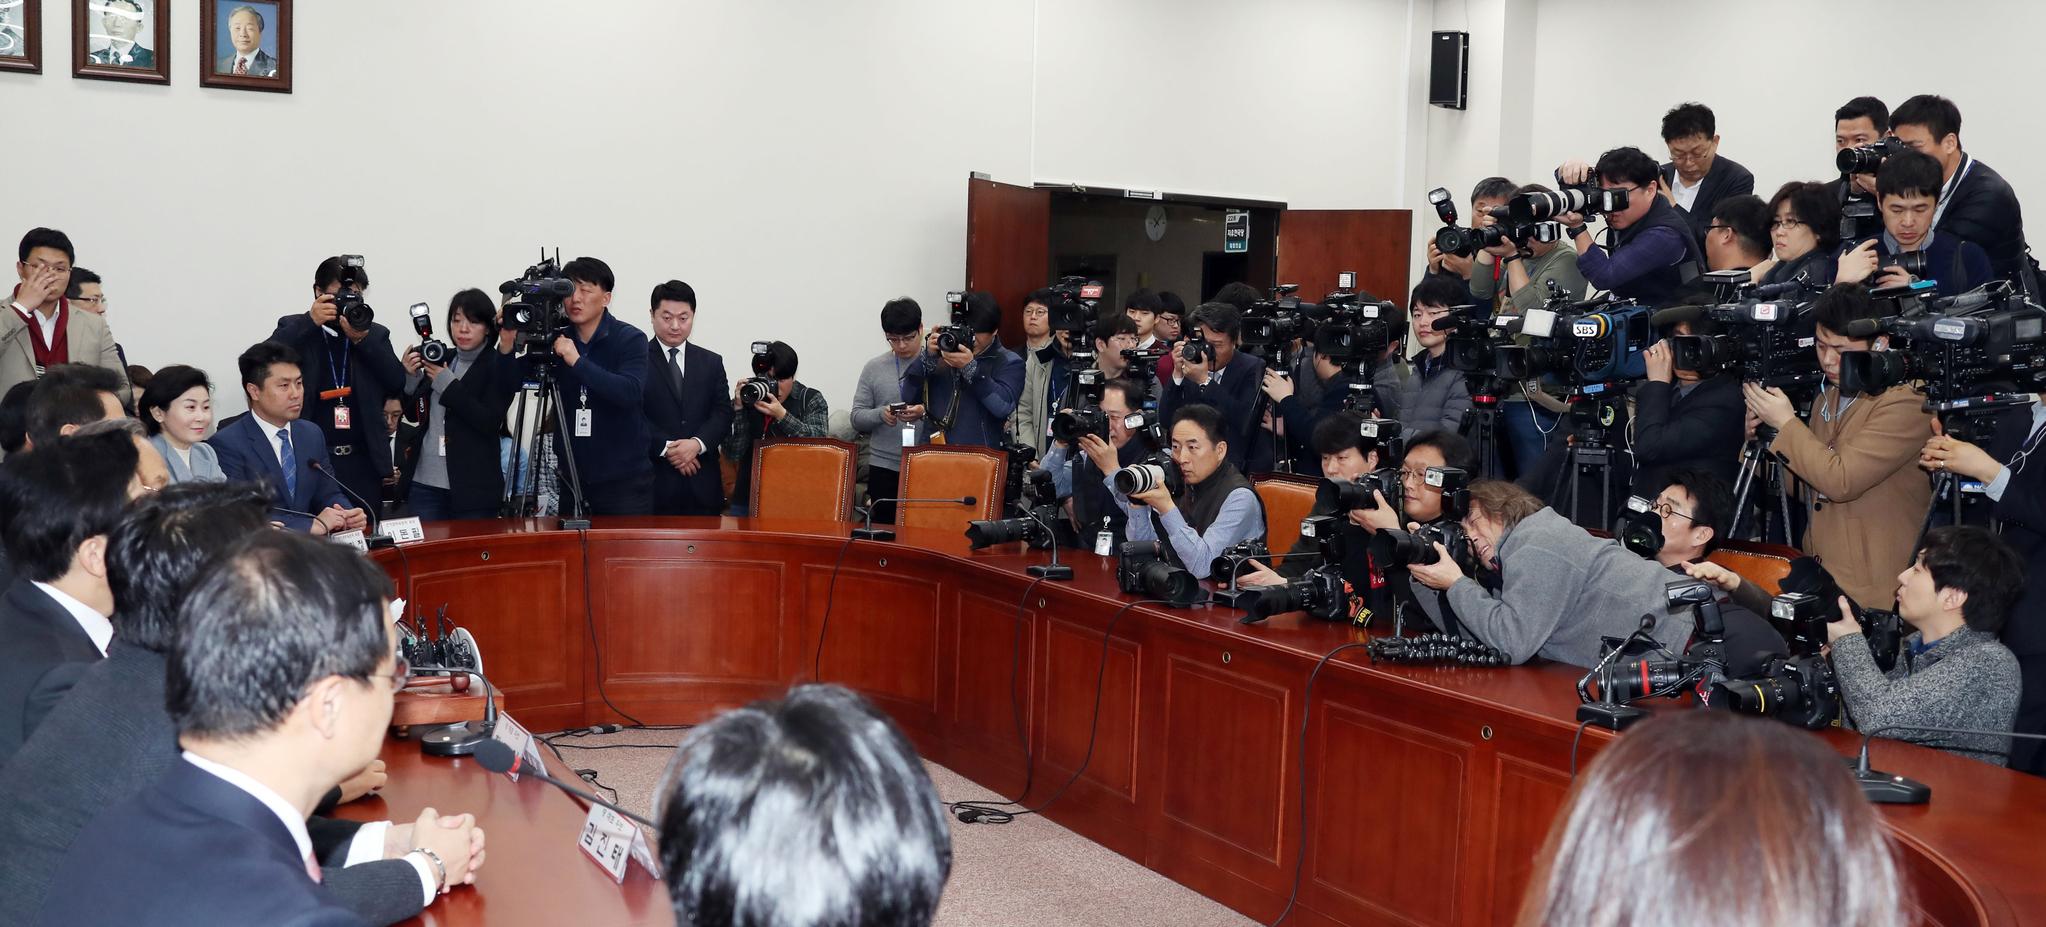 황교안, 오세훈, 김진태 후보가 참석한 자유한국당 선관위 회의가 13일 오전 국회에서 열렸다. 변선구 기자